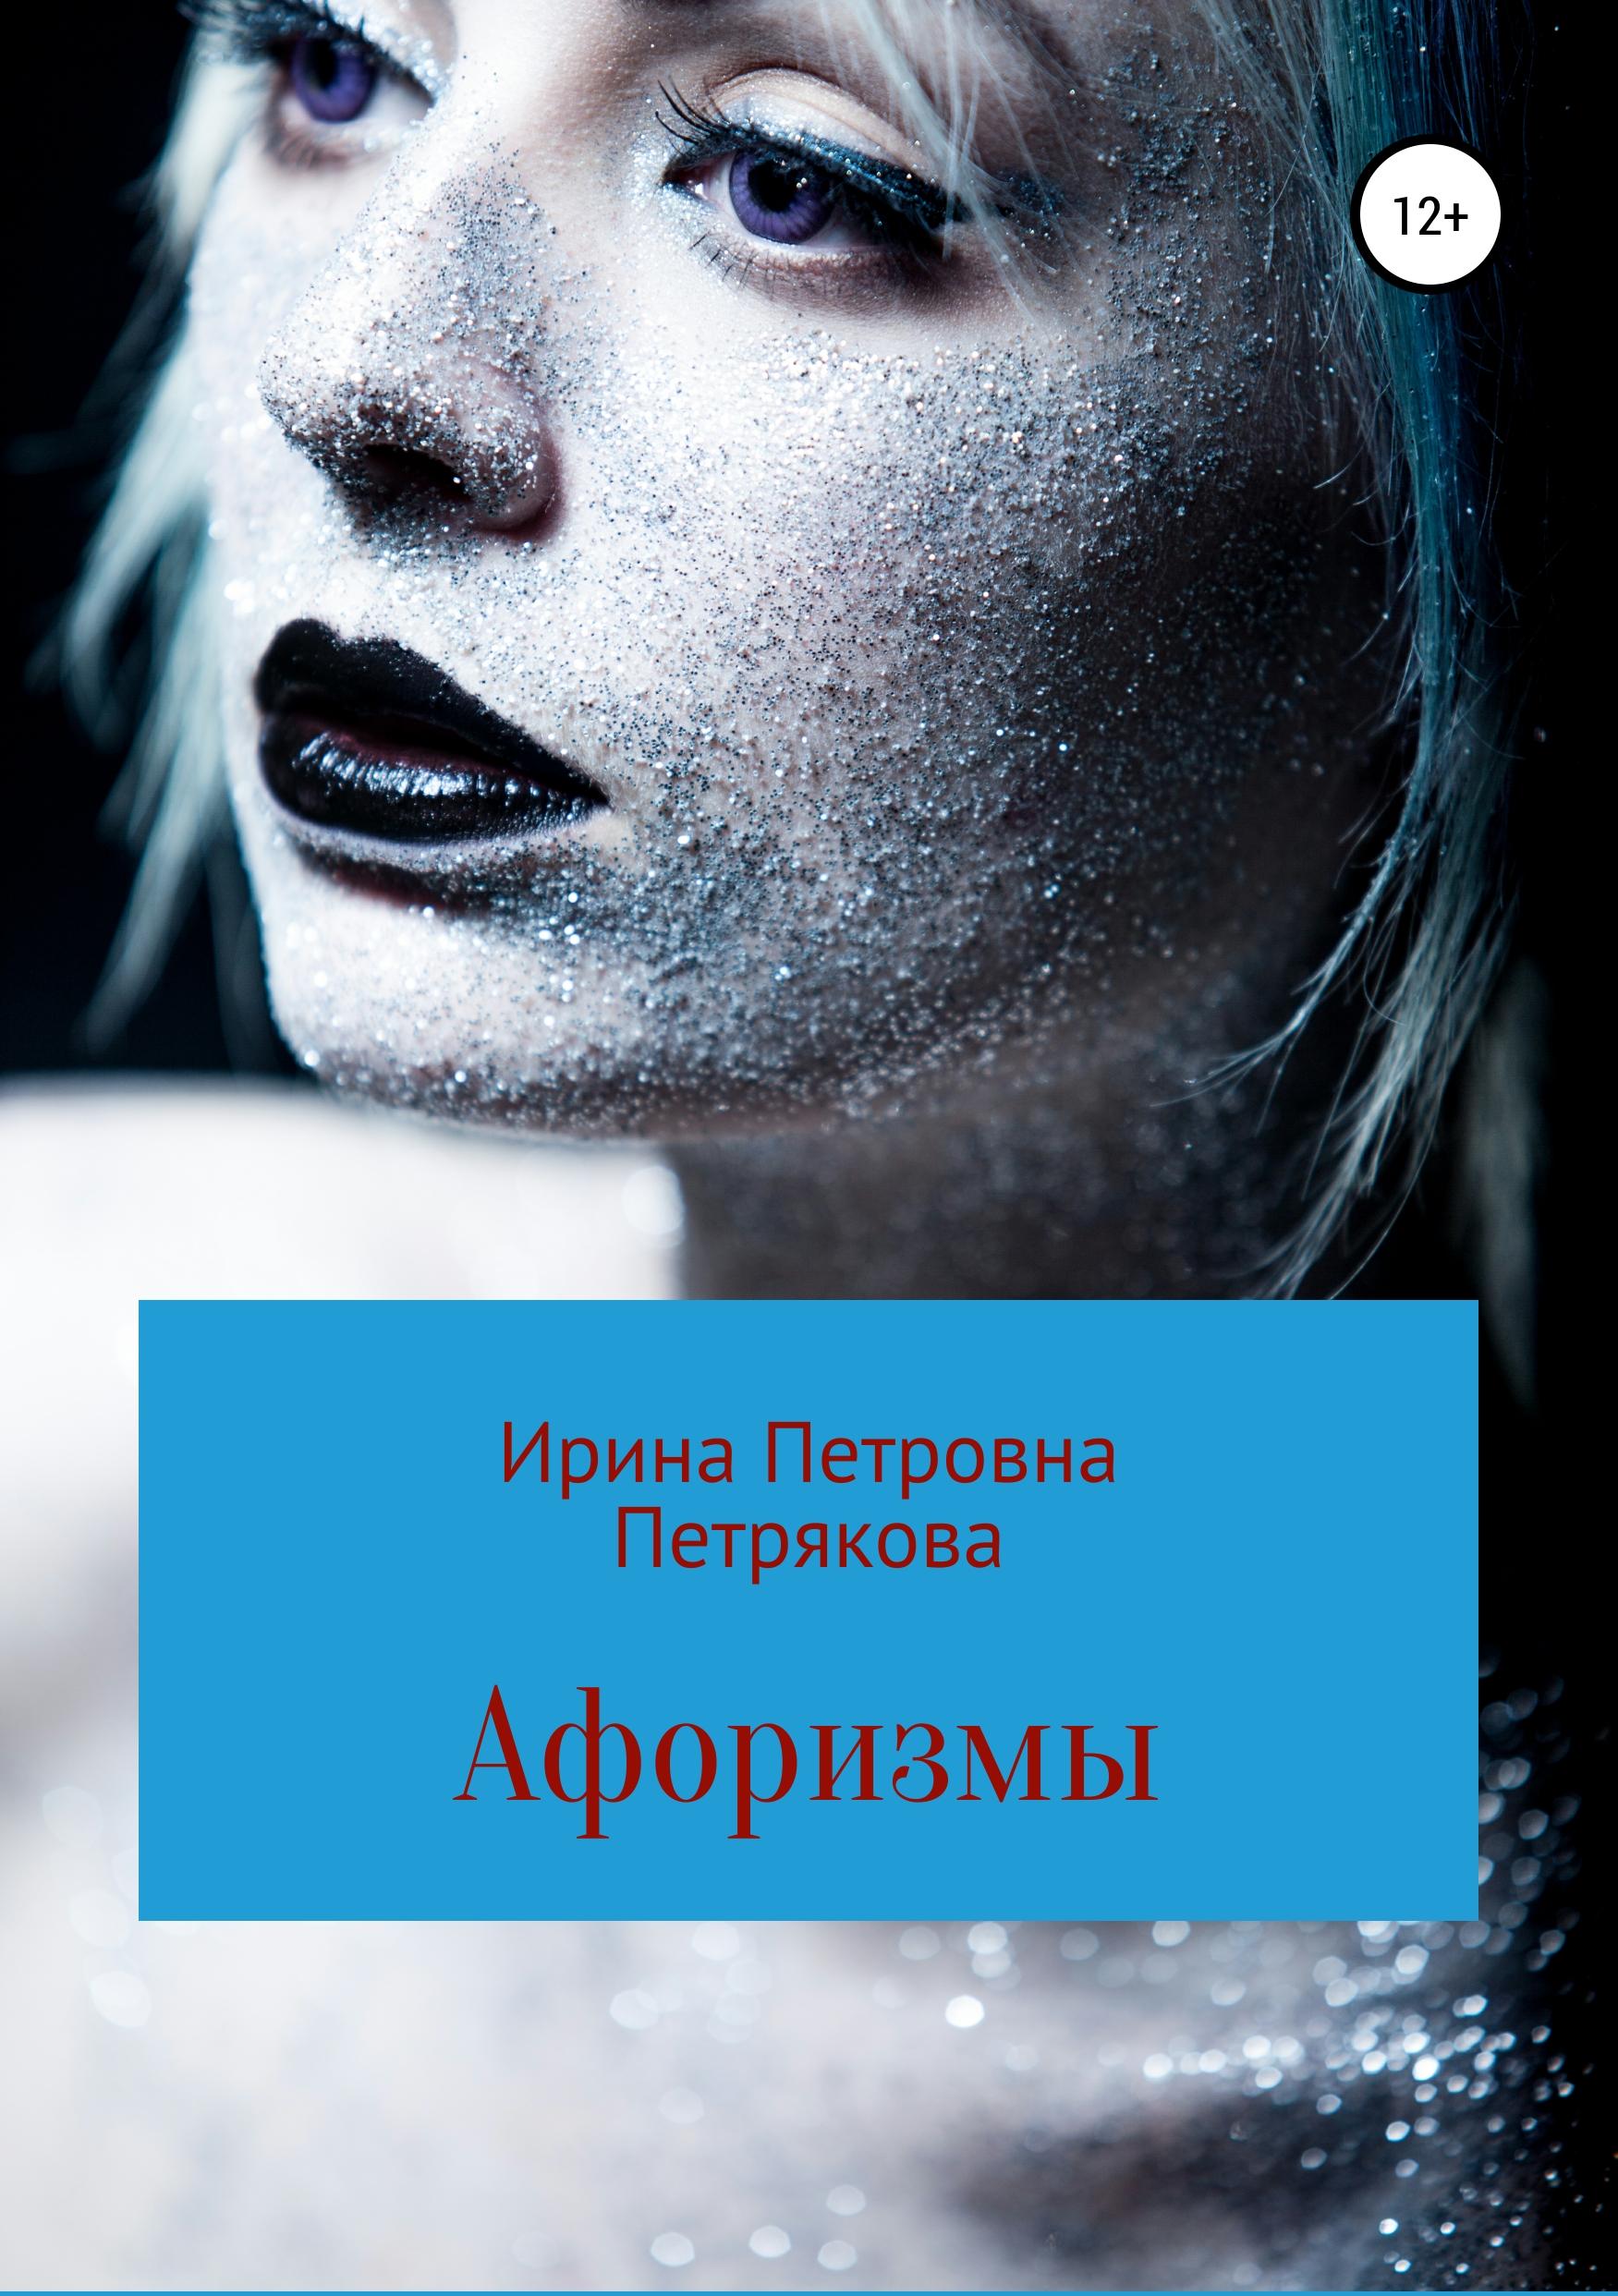 Купить книгу Афоризмы, автора Ирины Петровны Петряковой